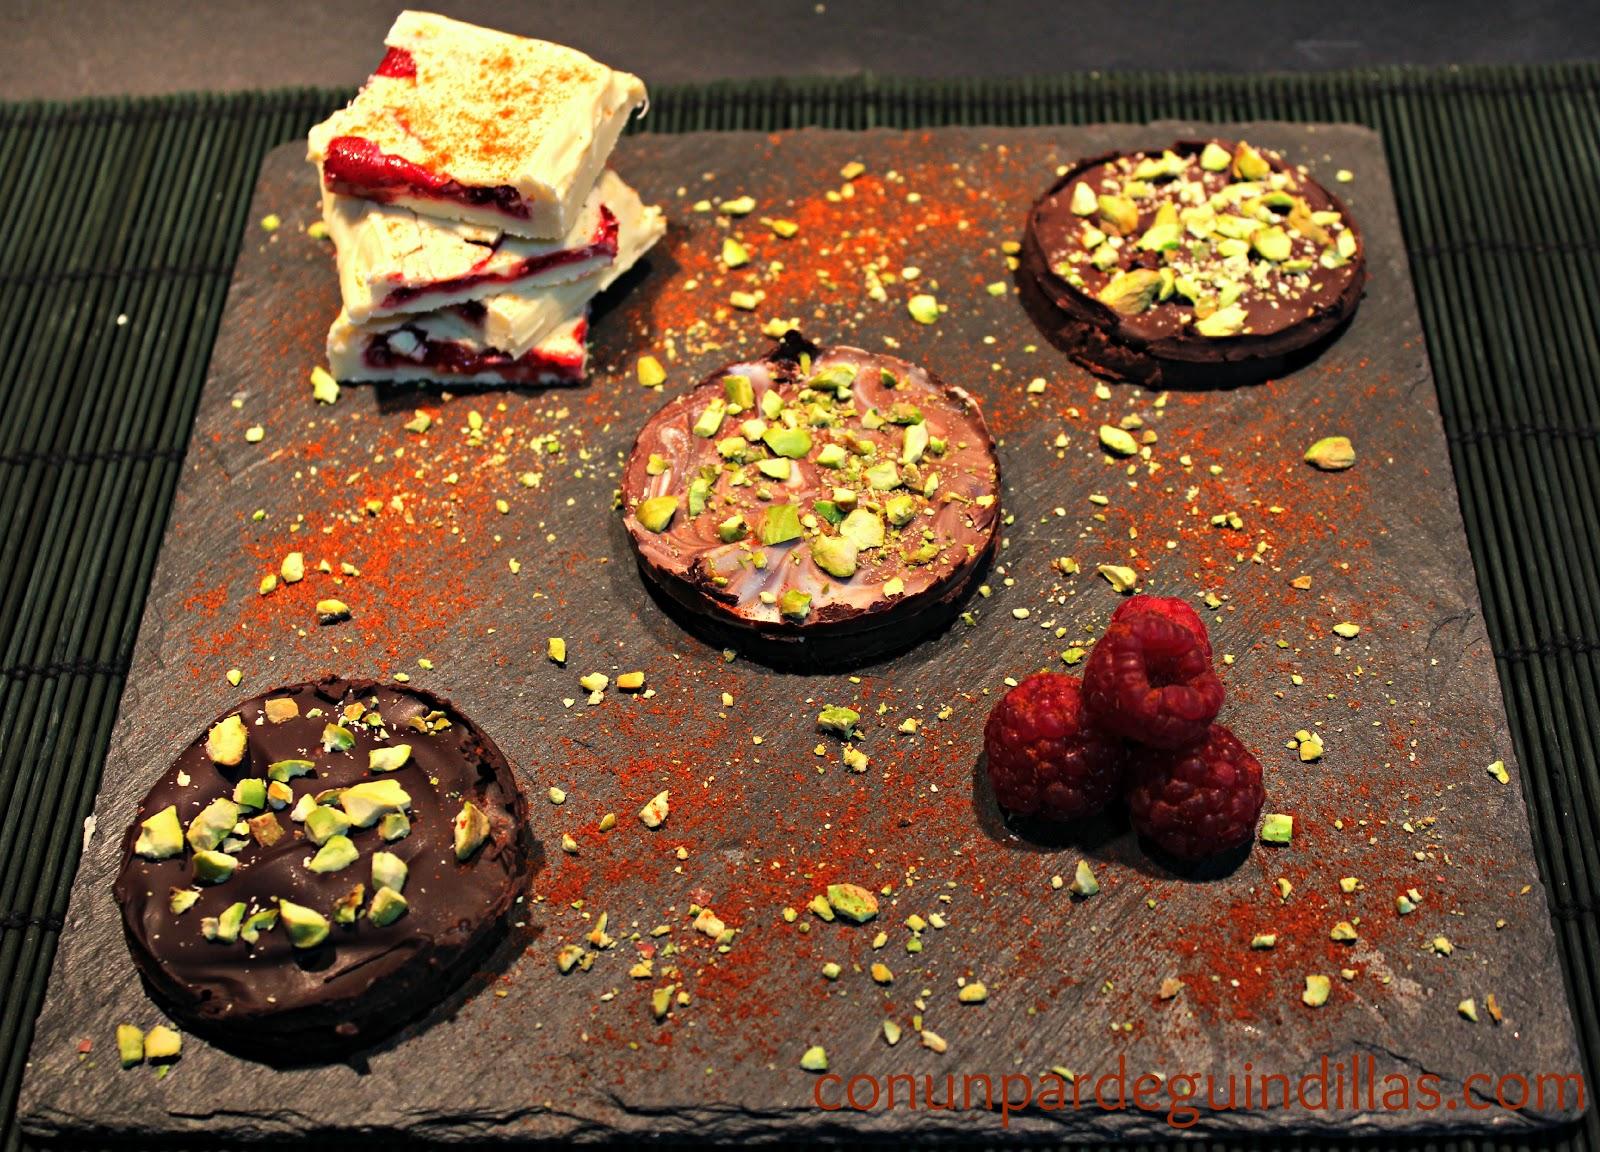 Sándwich de chocolate y coulis de frambuesa y menta